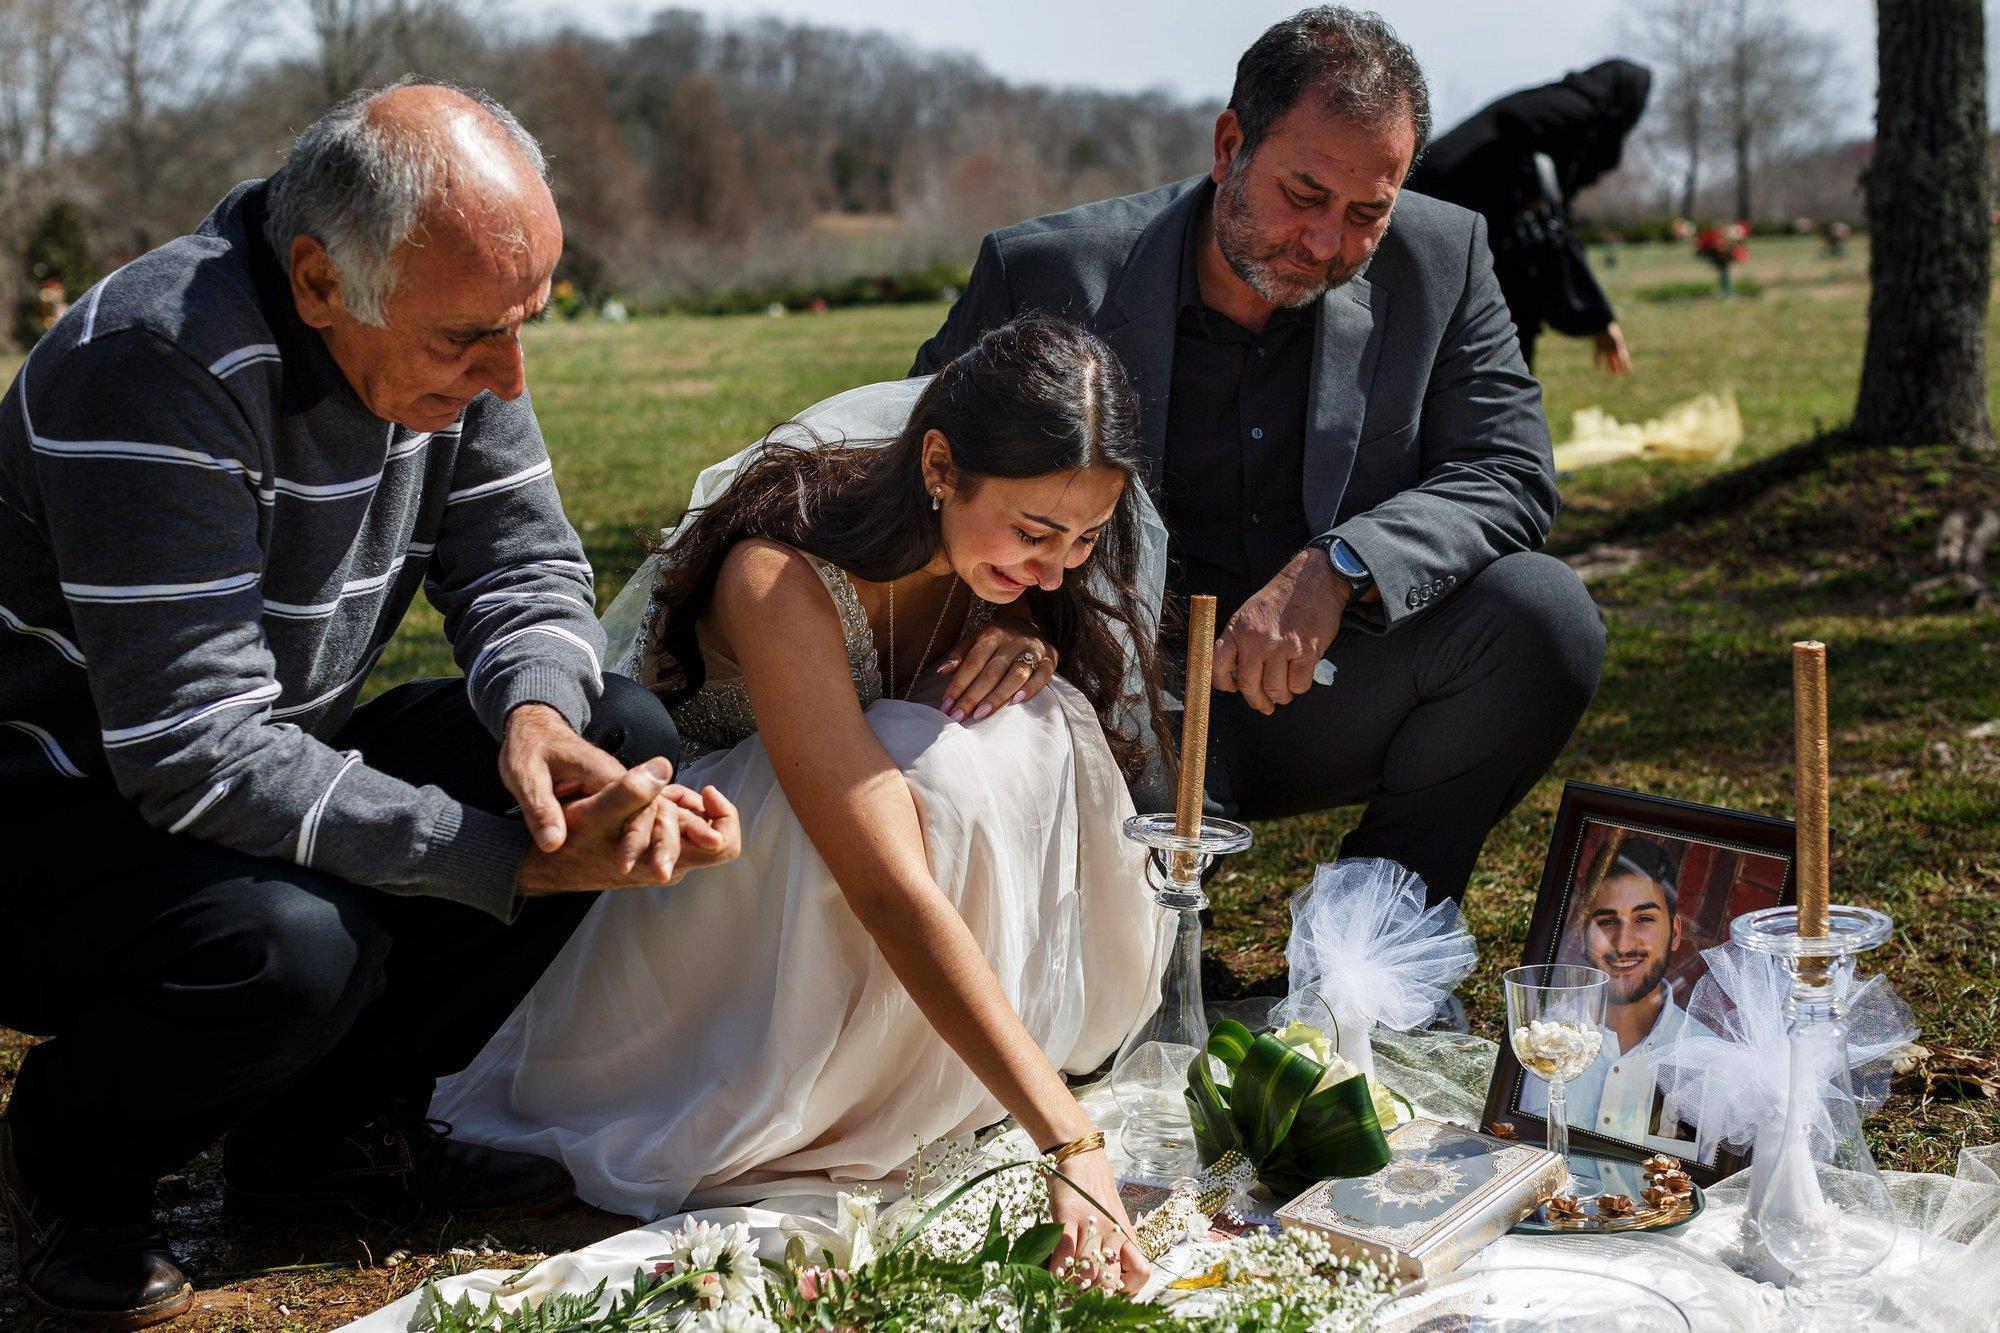 Mặc váy cô dâu đến thăm mộ hôn phu bị sát hại trước ngày cưới Ảnh 2